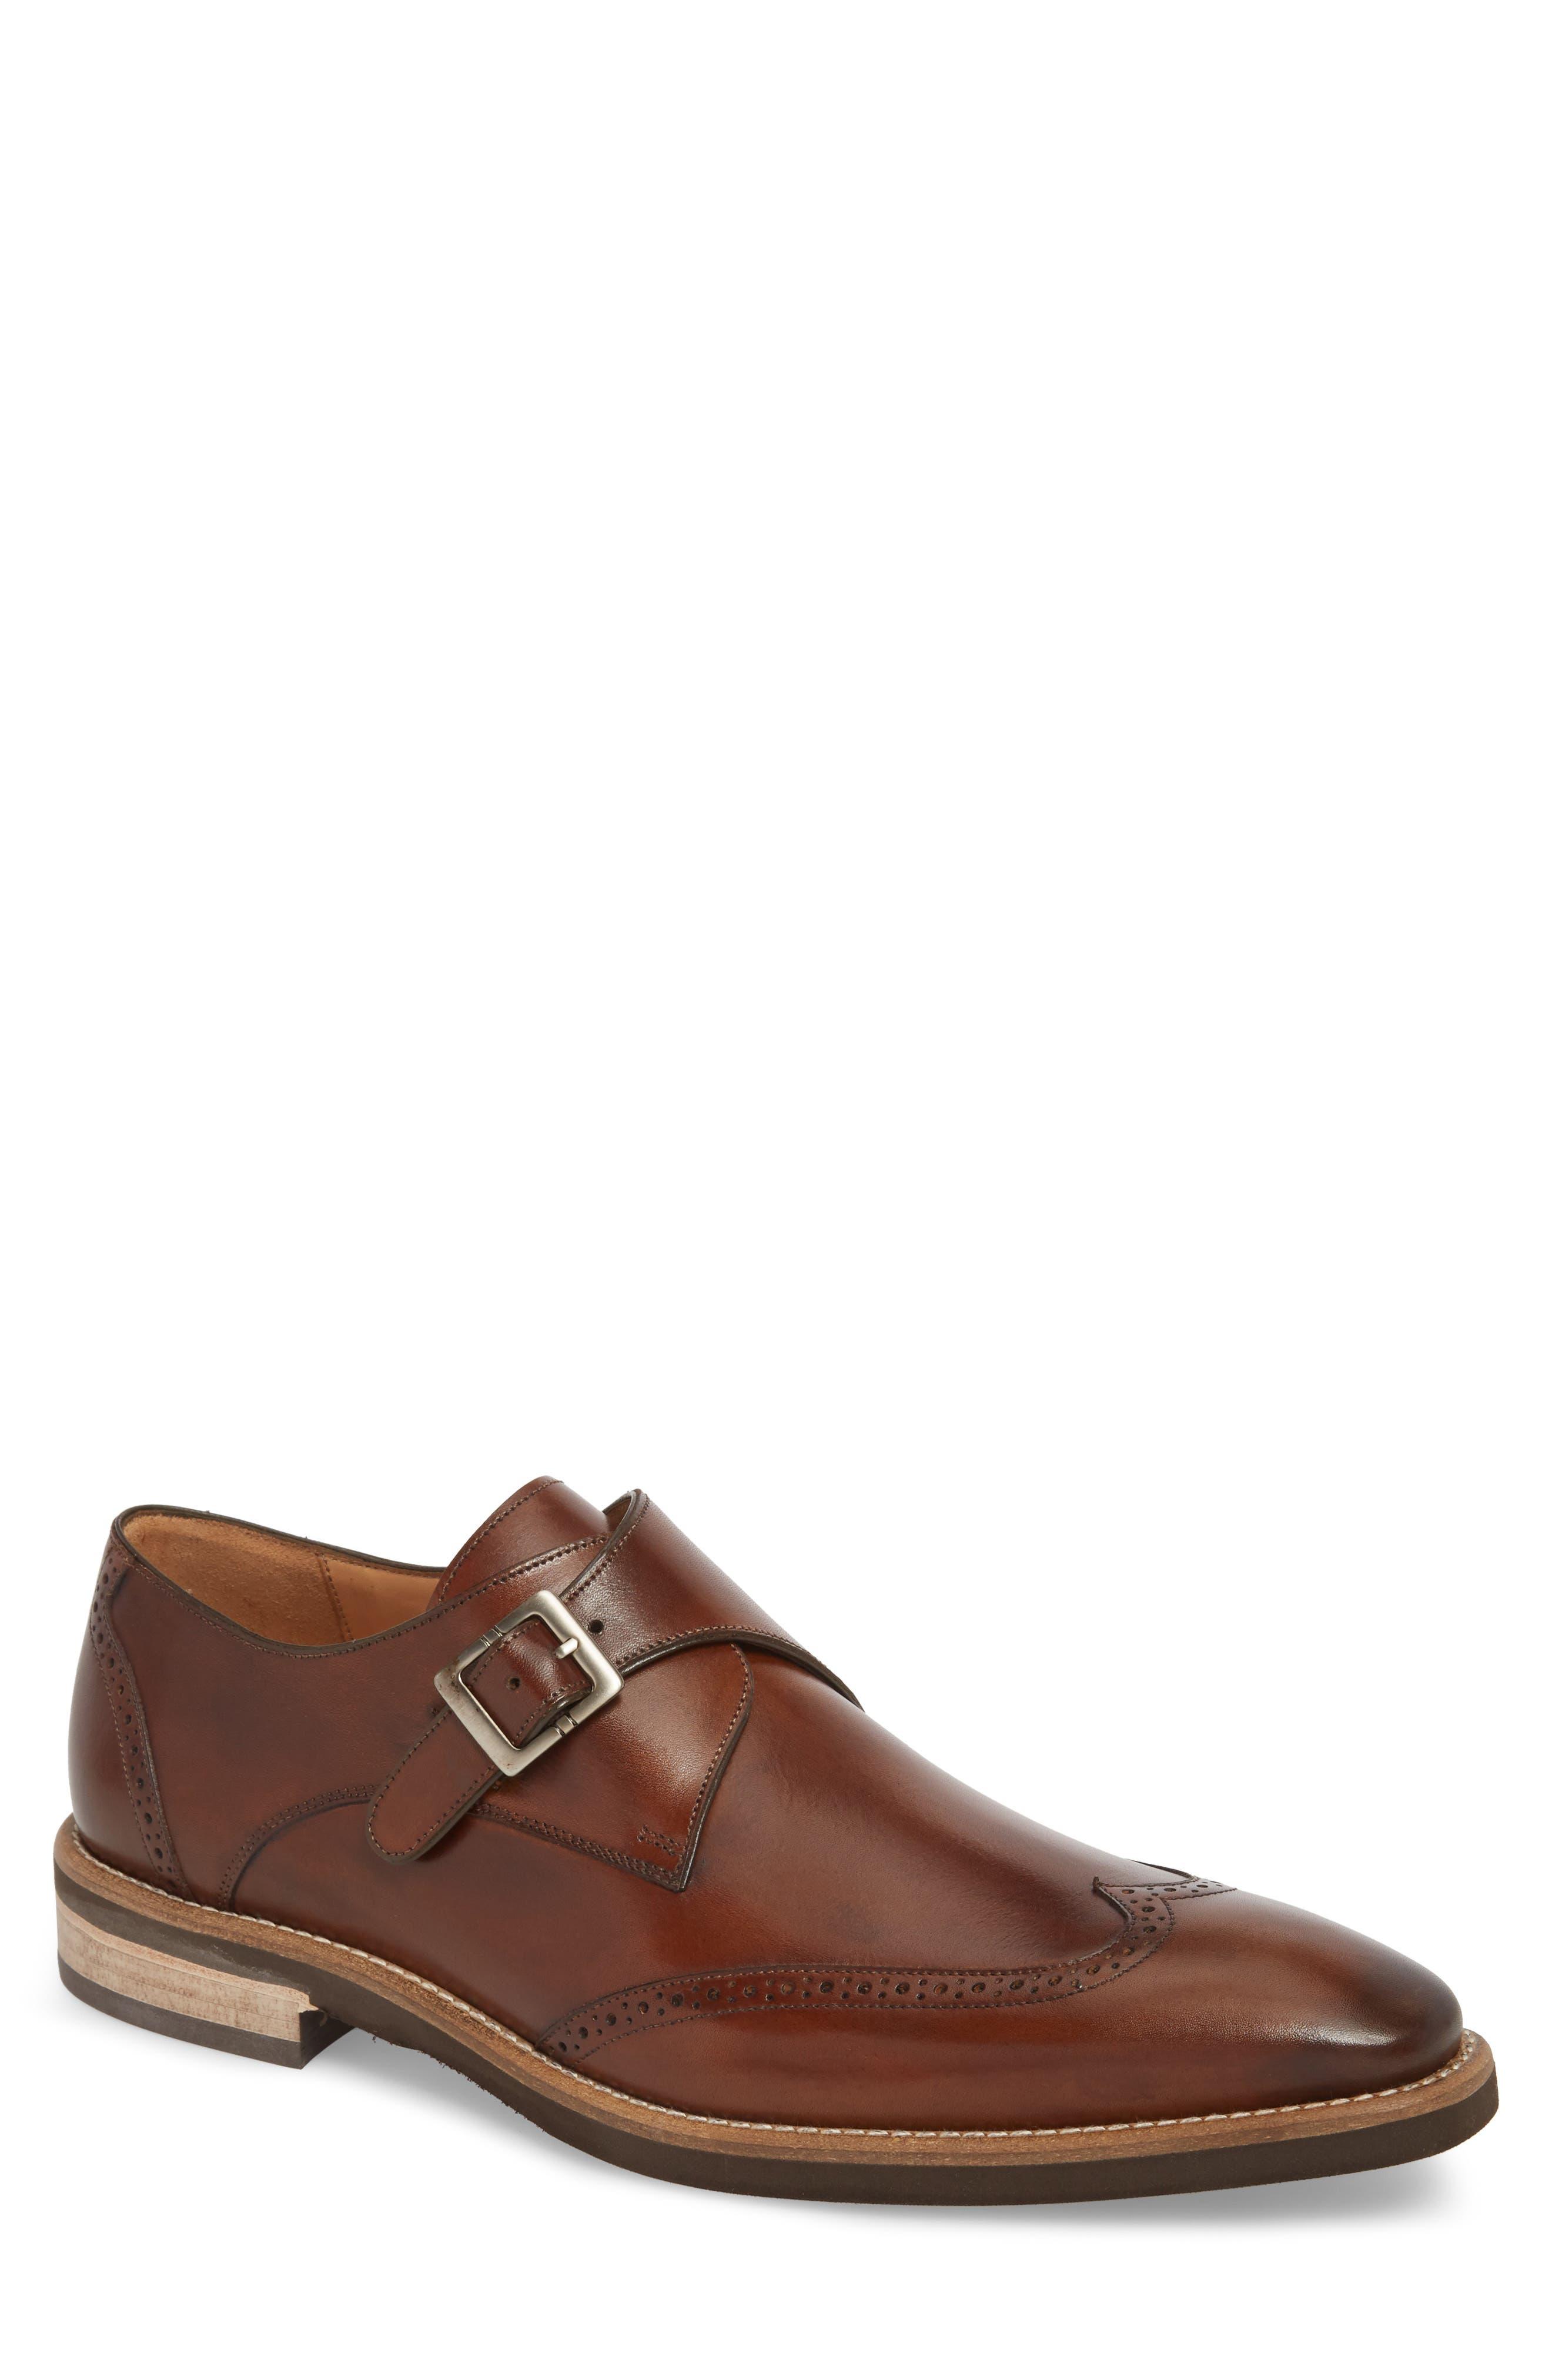 Feresta Wingtip Monk Shoe,                             Main thumbnail 1, color,                             COGNAC